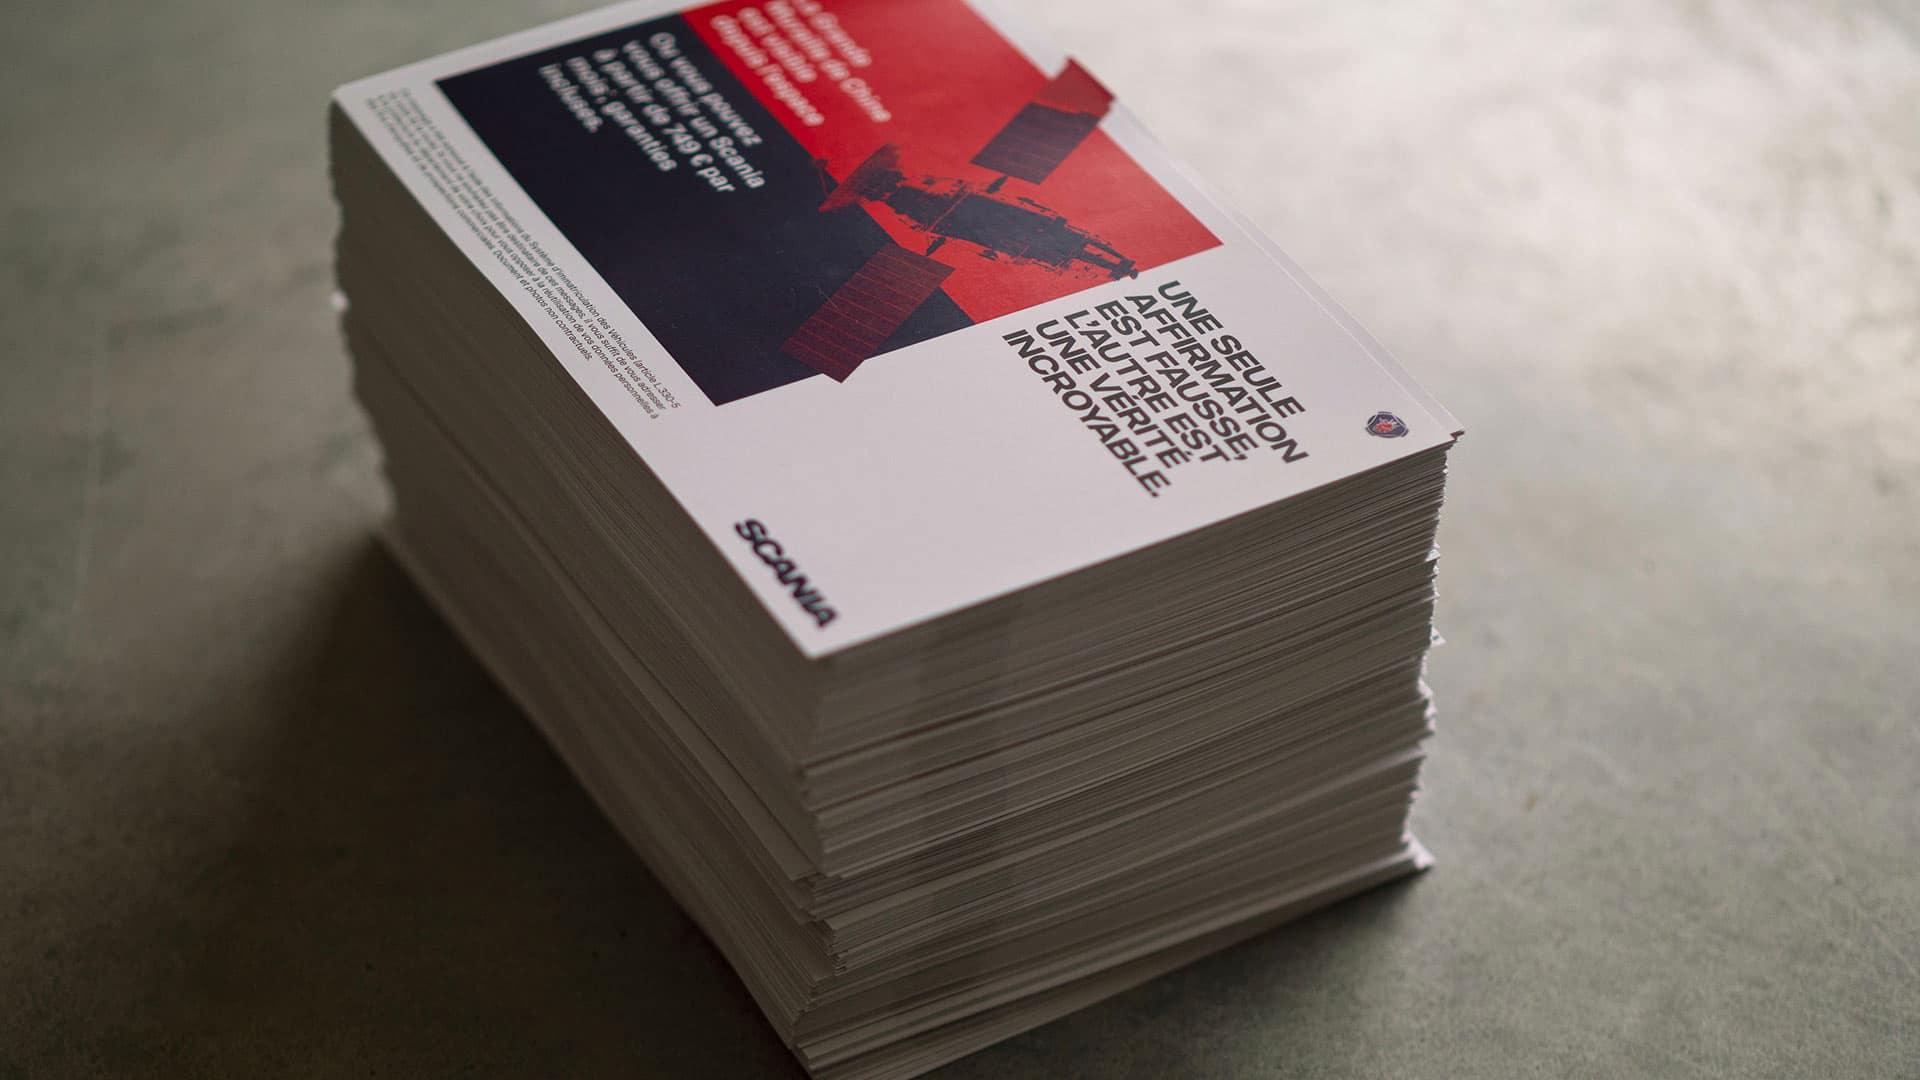 Mailing imprimé prêt à être envoyé